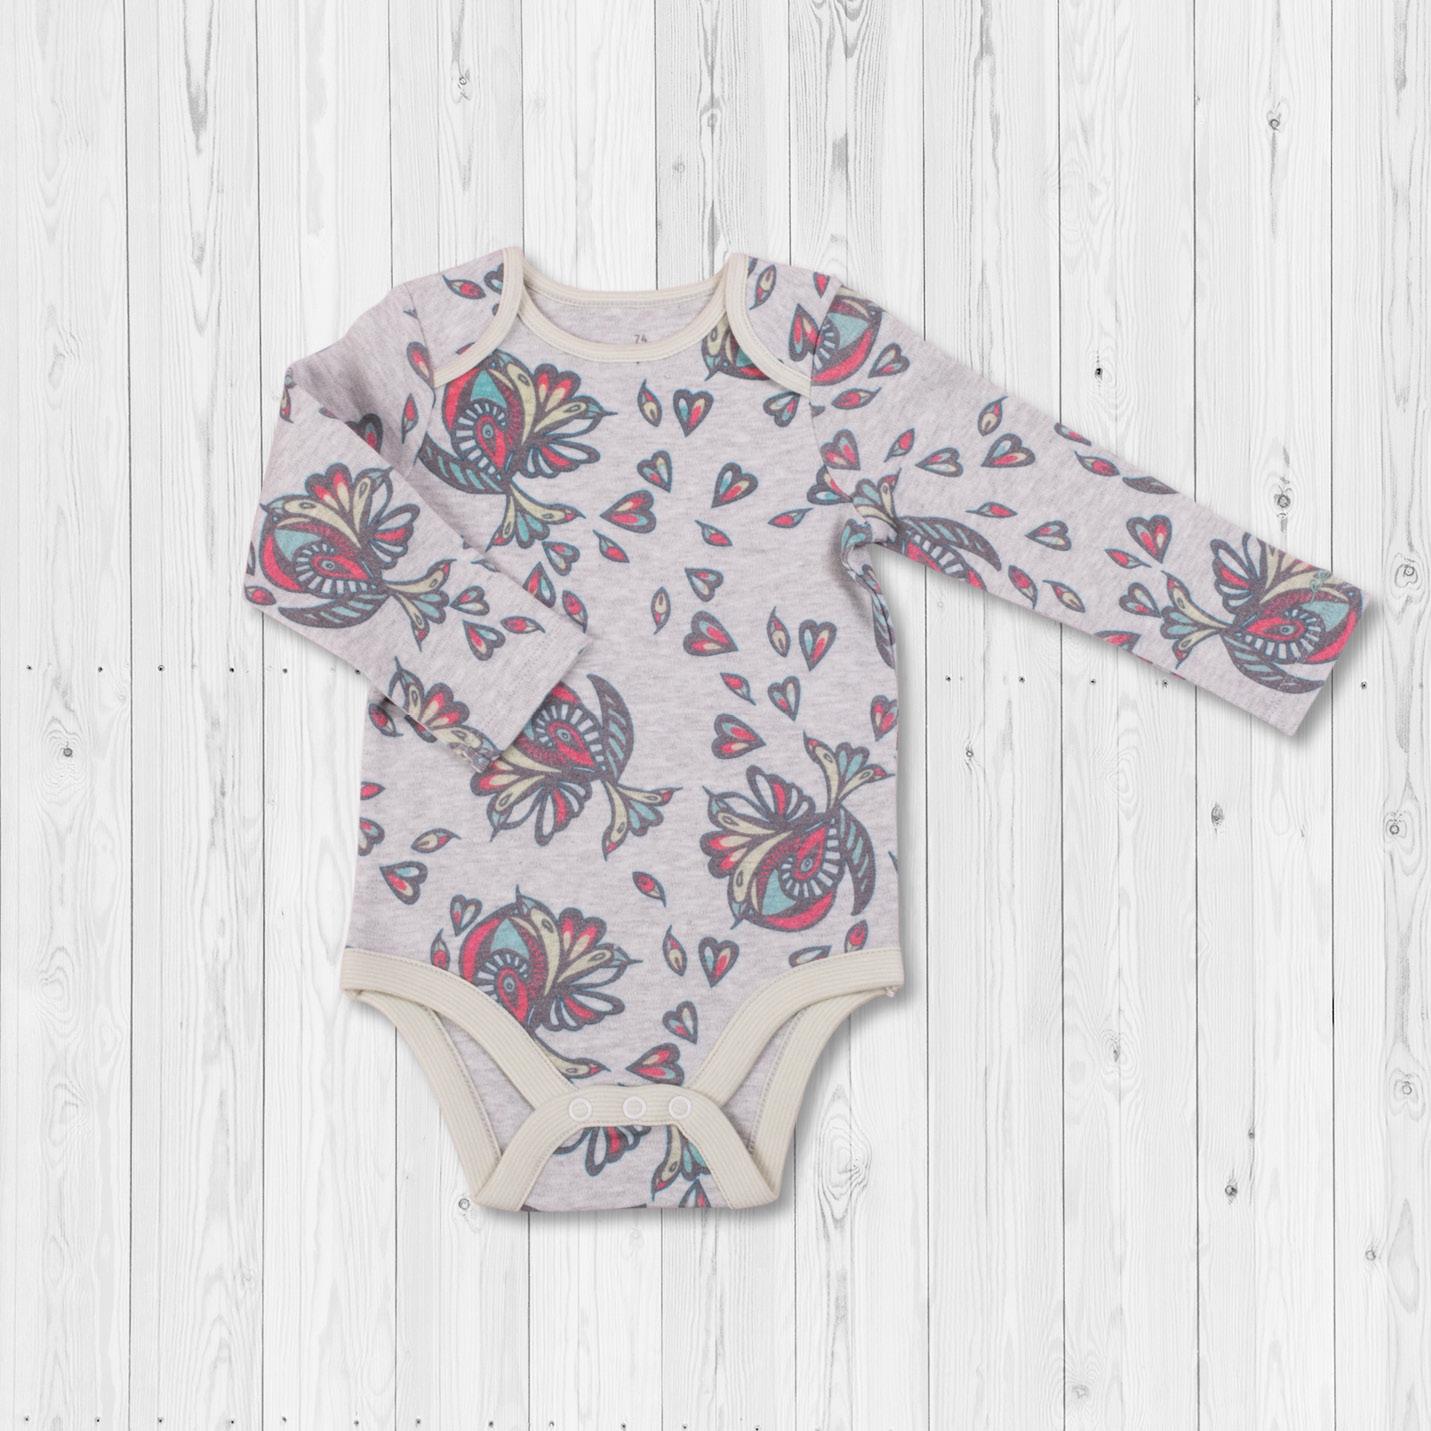 Babyklamotten: Body aus 100 % Bio-Baumwolle mit EM-Keramikpulver und Tumalin Edelstein, hochwertig und sanftes Hautgefühl